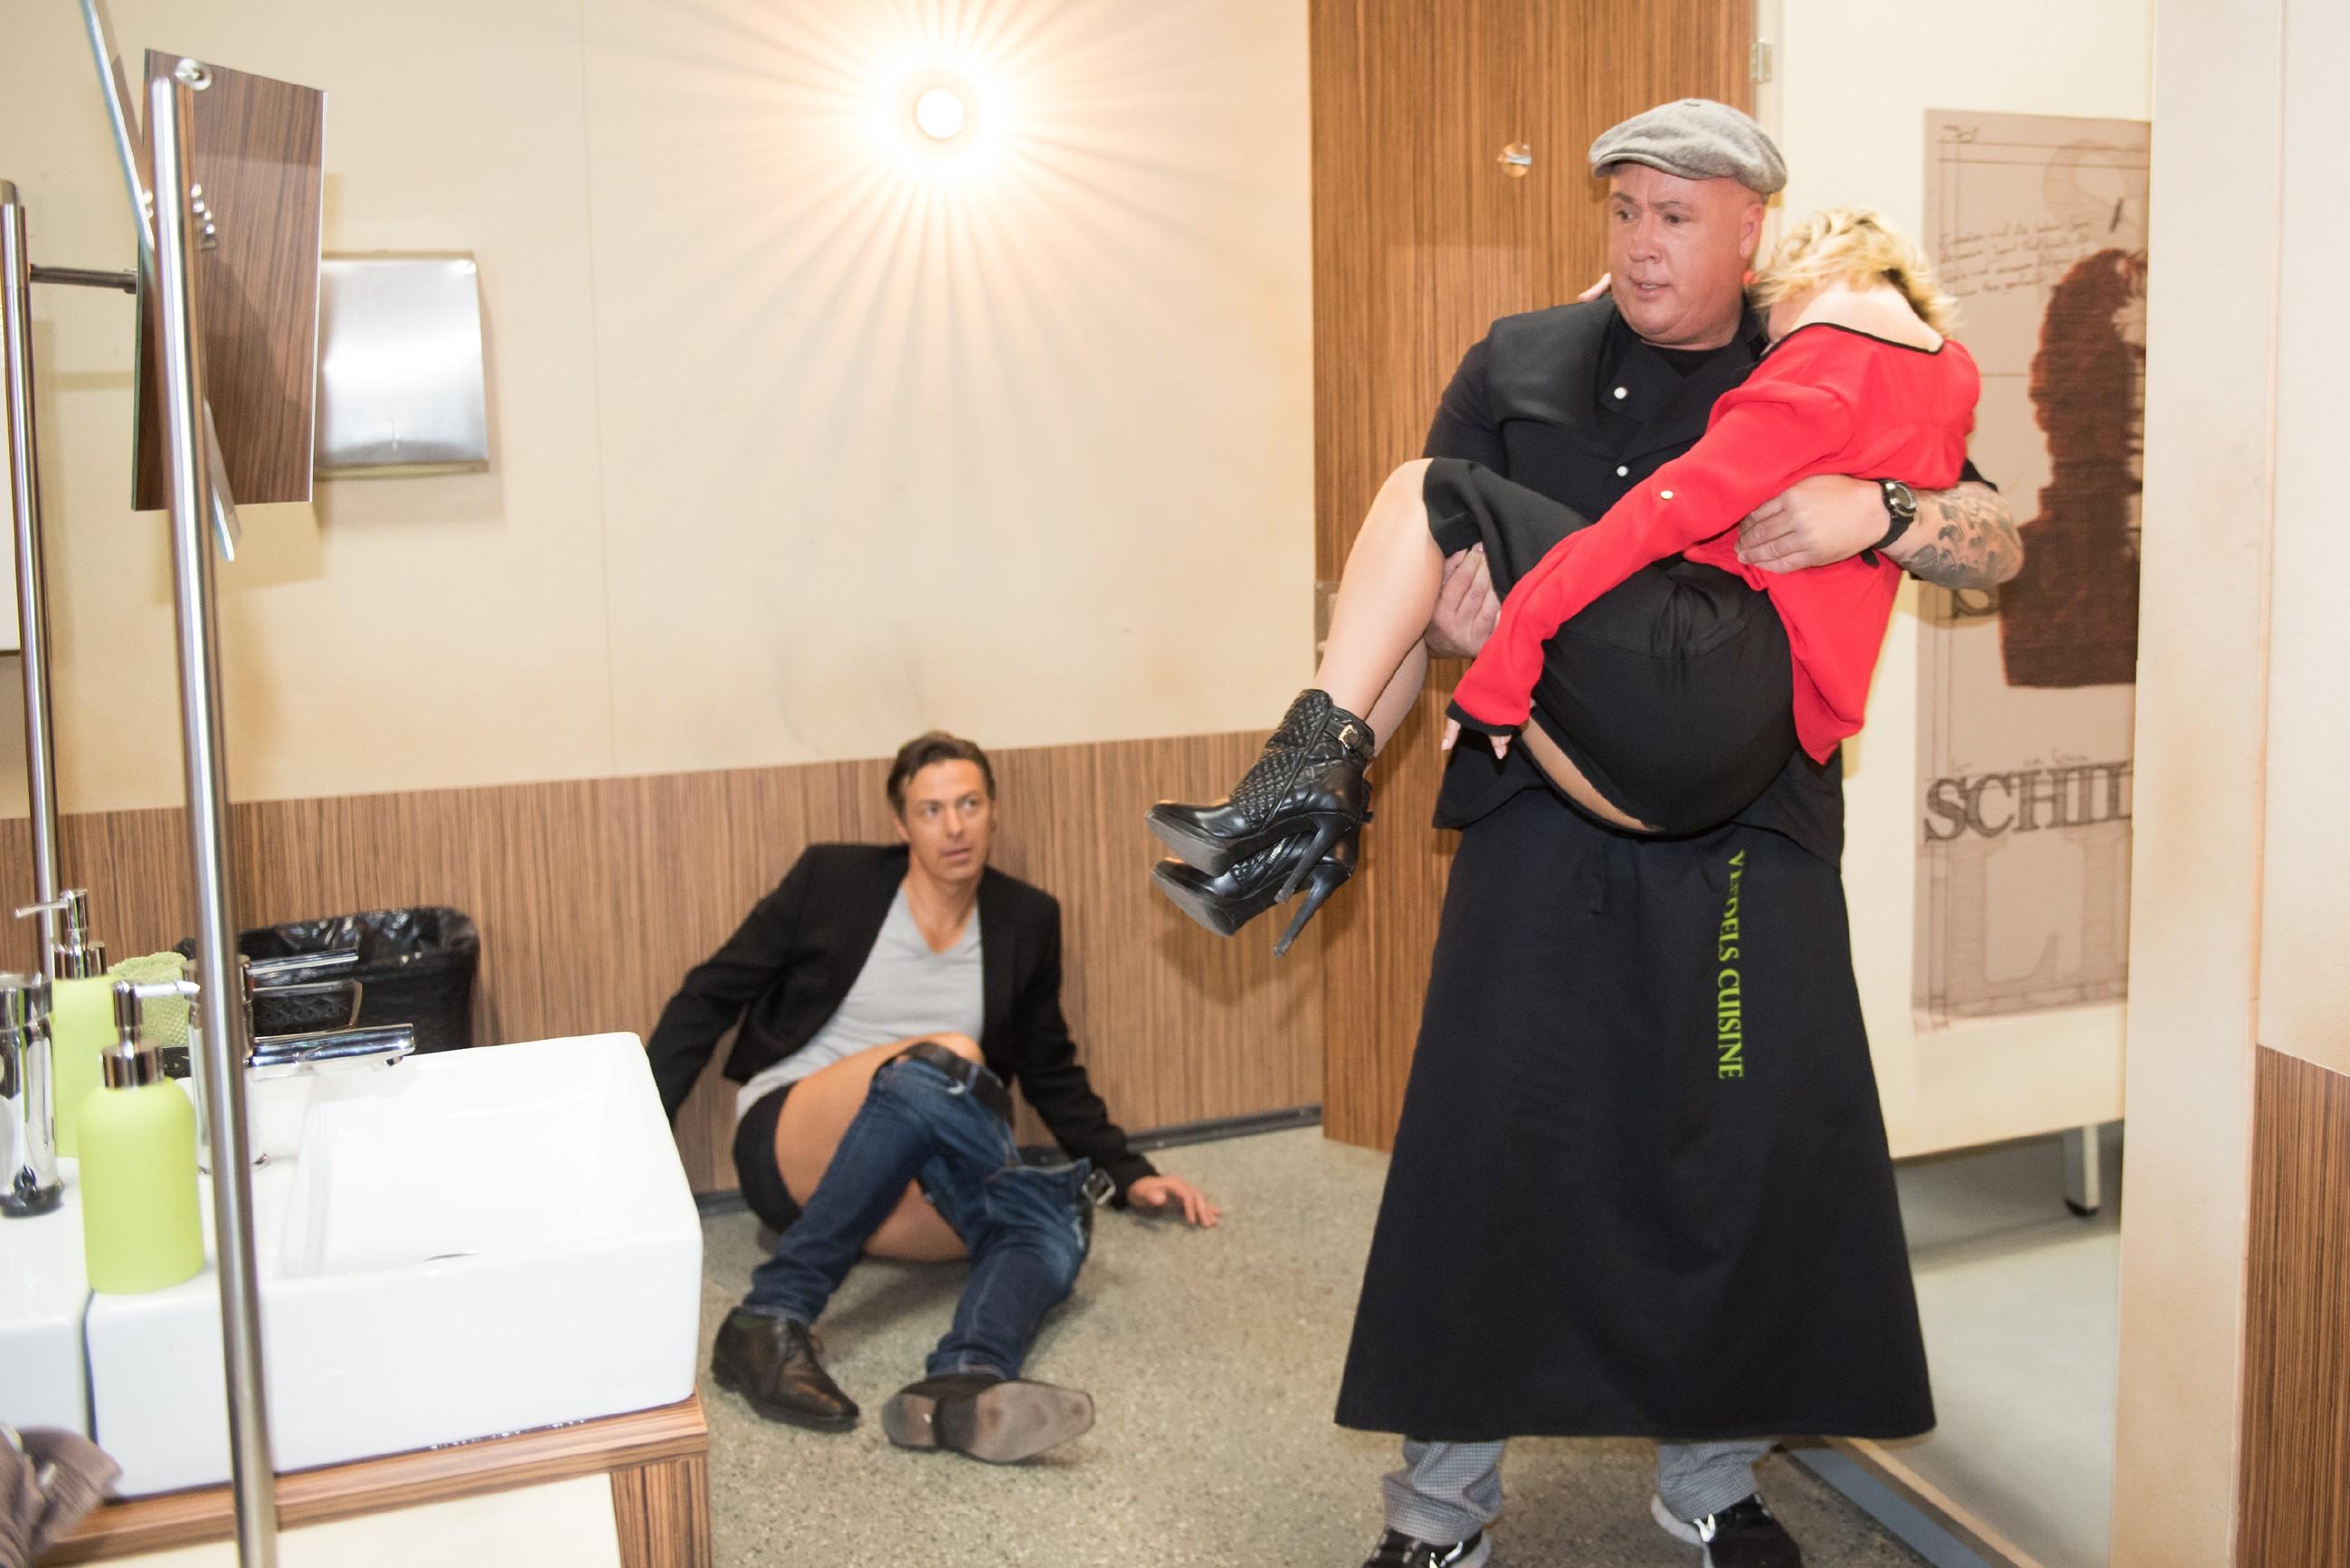 Roger (Ramon Ademes, r.) bewahrt Ute (Isabell Hertel) während ihres Blackouts vor einer Vergewaltigung durch ihr Knista-Date Carsten (Lars Jörmann). (Quelle: RTL / Stefan Behrens)